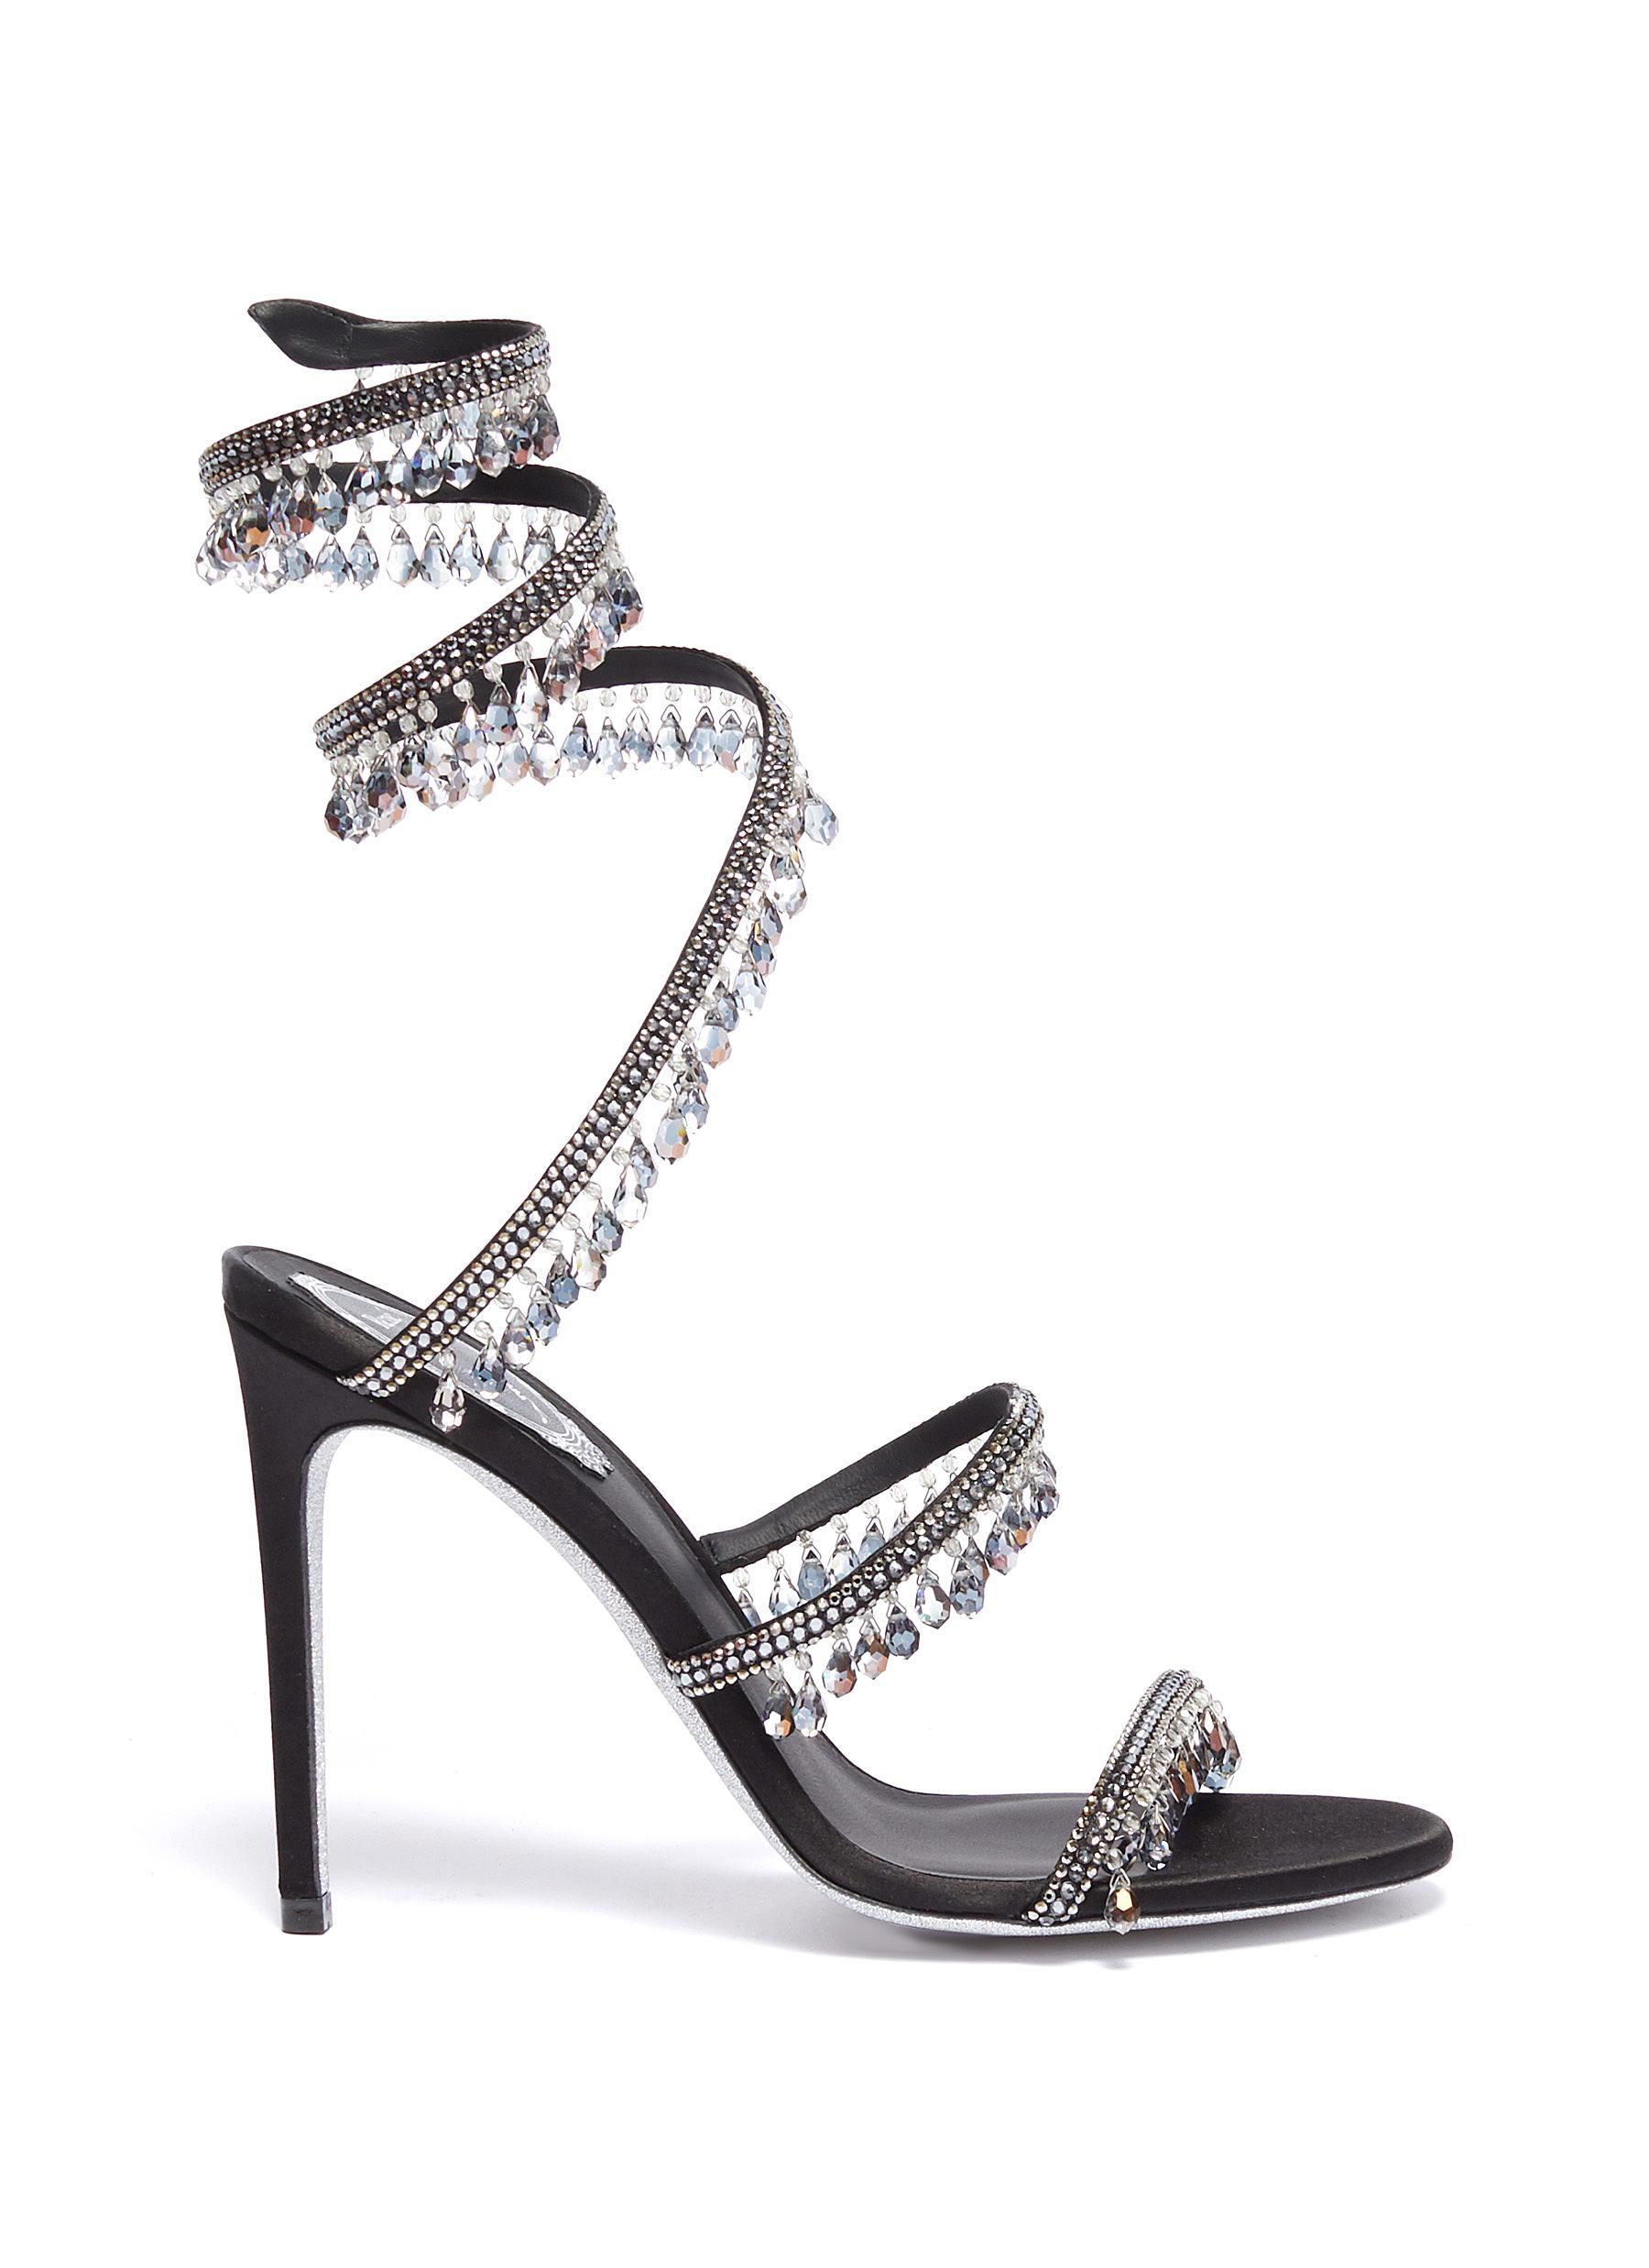 René Caovilla High Heels Cleo Chandelier strass fringe coil anklet satin sandals